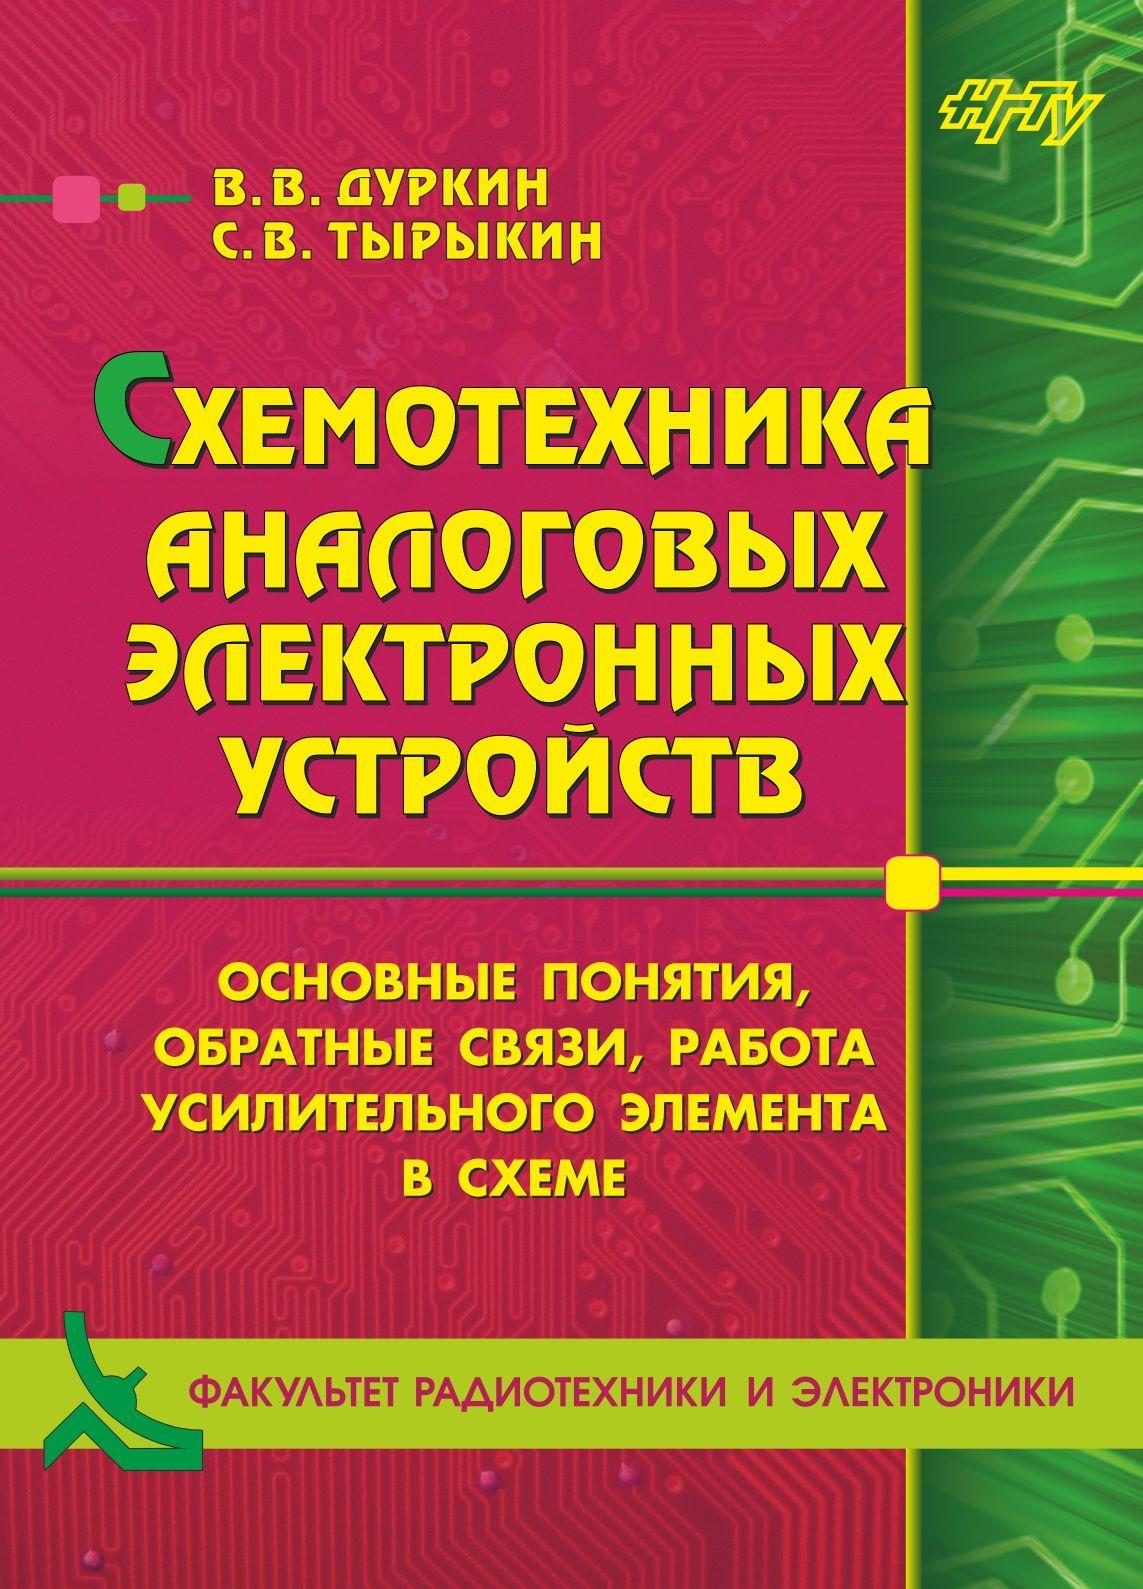 Валерий Дуркин Схемотехника аналоговых электронных устройств. Основные понятия, обратные связи, работа усилительного элемента в схеме